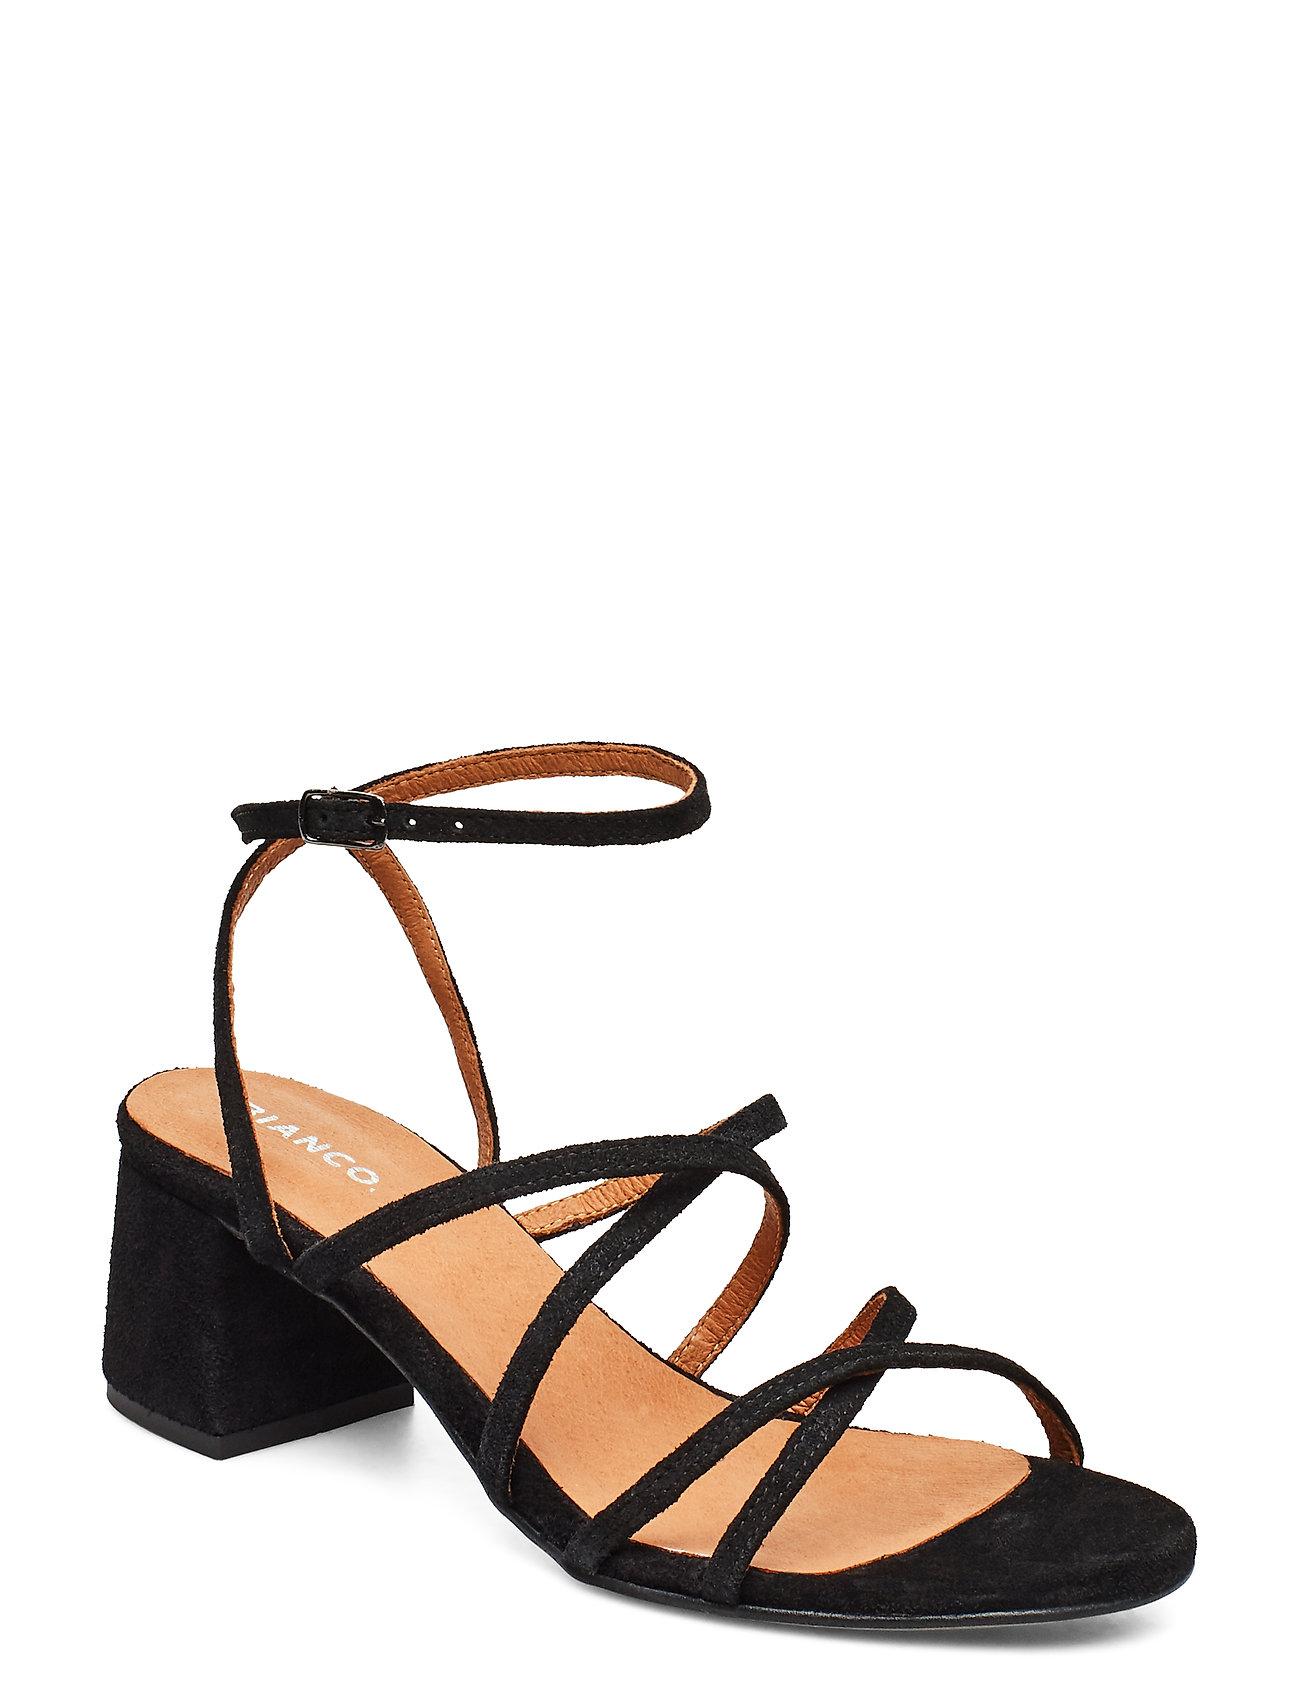 Image of Biadayton Suede Strap Sandal Sandal Med Hæl Sort Bianco (3372501663)